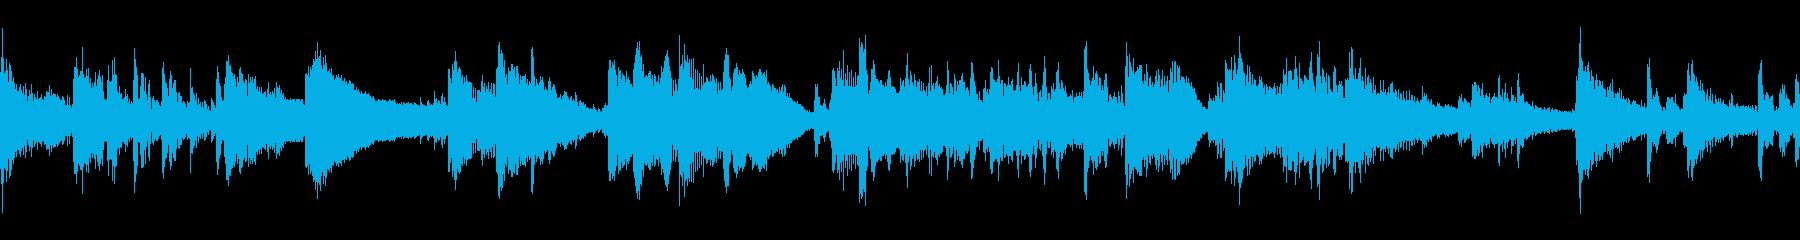 アップテンポでグルーヴィーで揺れる...の再生済みの波形